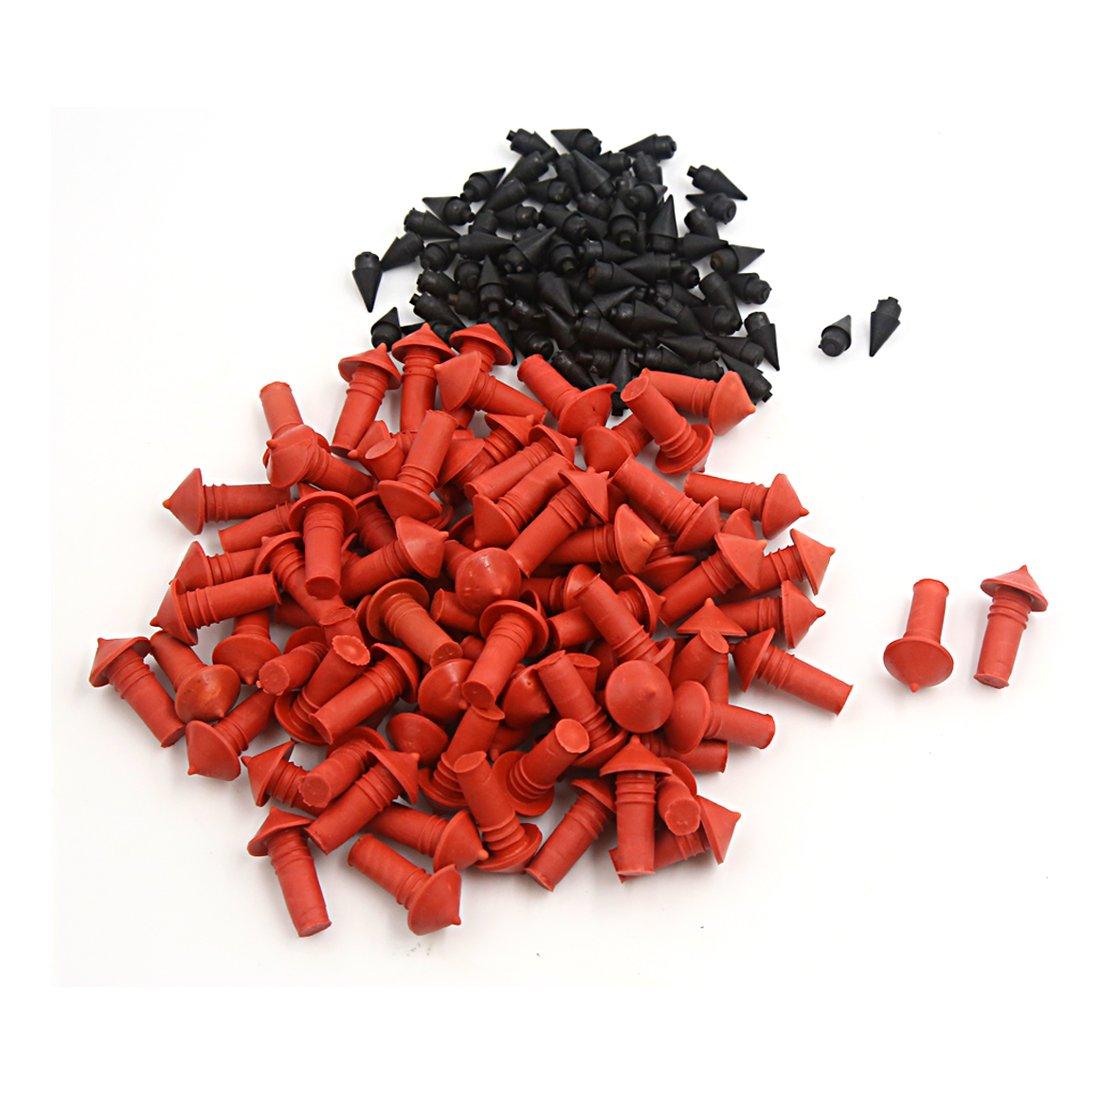 sourcingmap® 170 Pcs Universel Réparation pneus forme champignon rouge place bouchons Noir 7mm sourcing map a16072500ux0130